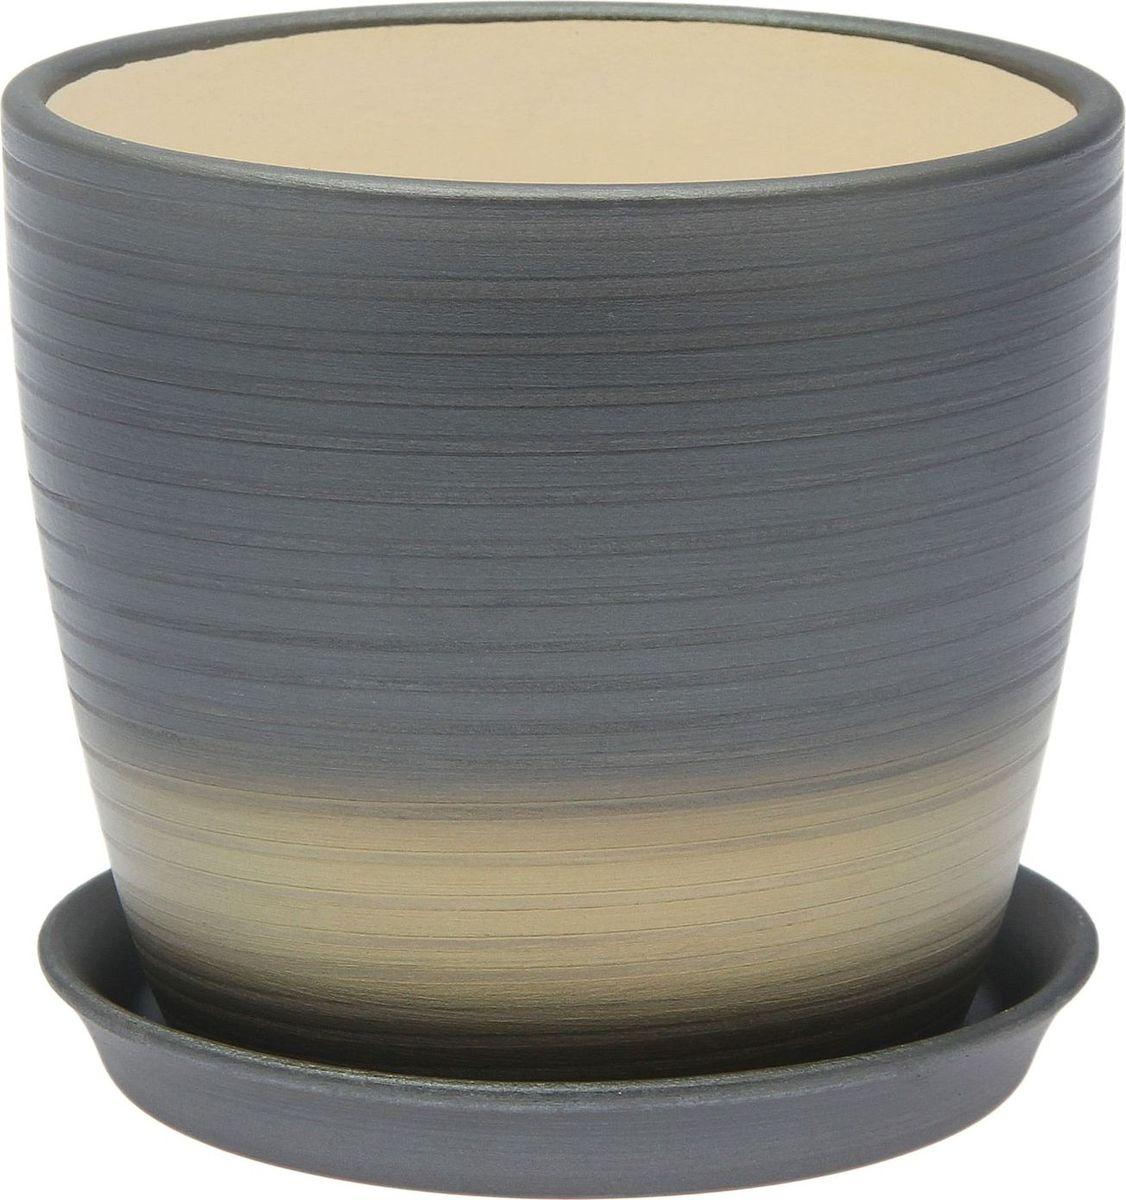 Кашпо Керамика ручной работы Осень. Радуга, цвет: серебристый, 1 л1968876Комнатные растения - всеобщие любимцы. Они радуют глаз, насыщают помещение кислородом и украшают пространство. Каждому из них необходим свой удобный и красивый дом. Кашпо из керамики прекрасно подходят для высадки растений: за счет пластичности глины и разных способов обработки существует великое множество форм и дизайнов пористый материал позволяет испаряться лишней влаге воздух, необходимый для дыхания корней, проникает сквозь керамические стенки! Позаботится о зеленом питомце, освежит интерьер и подчеркнет его стиль.